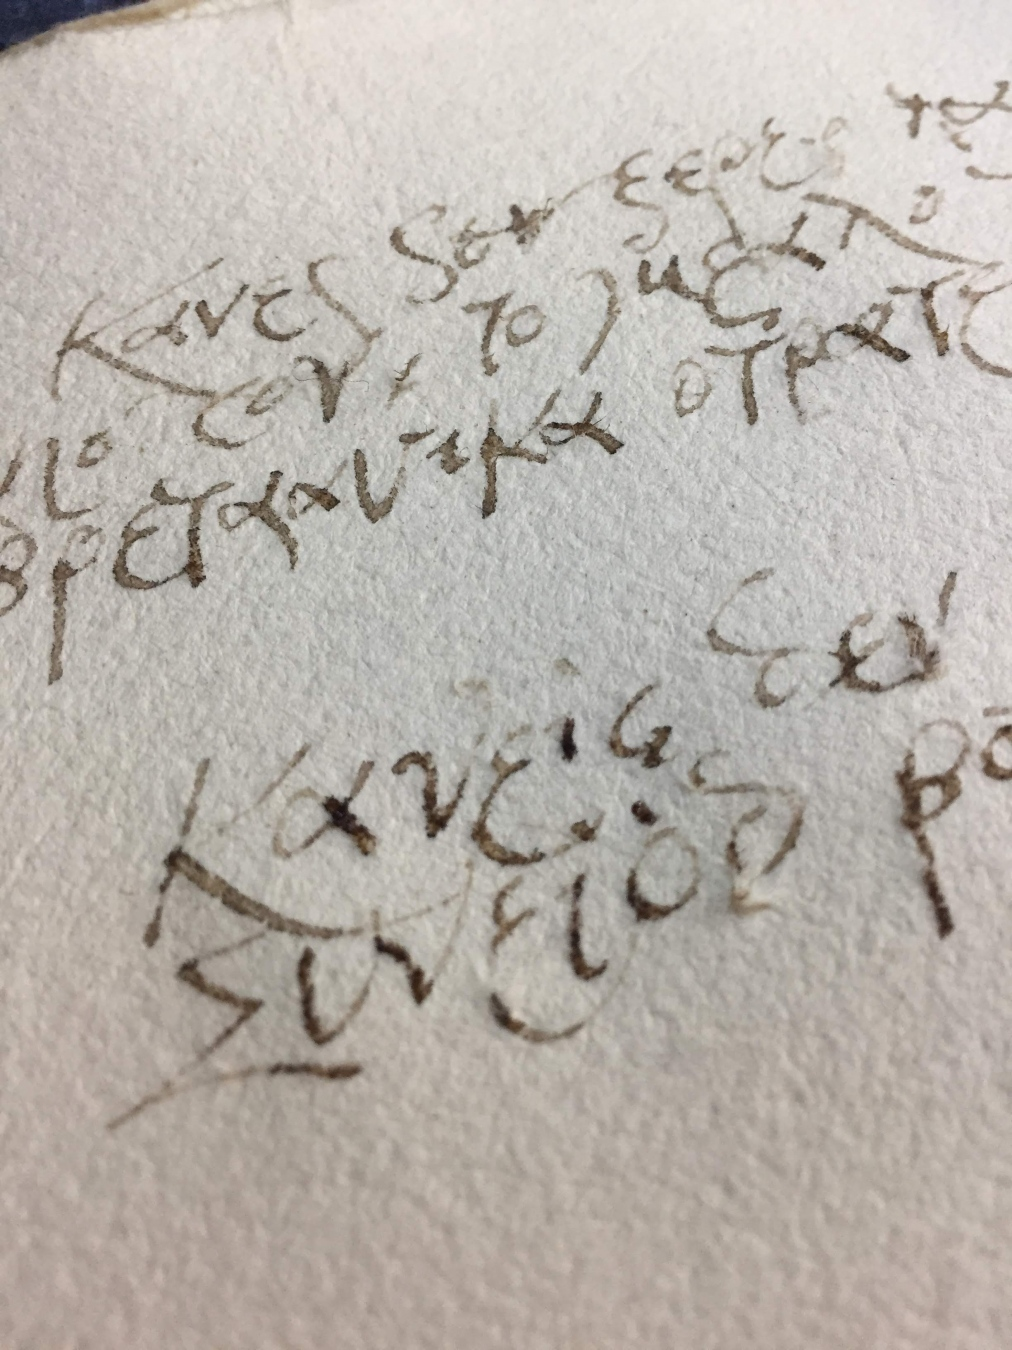 Way down - Goyo Valmorisco, Calígrafo profesional. Profesor de caligrafía. Diseño caligráfico.